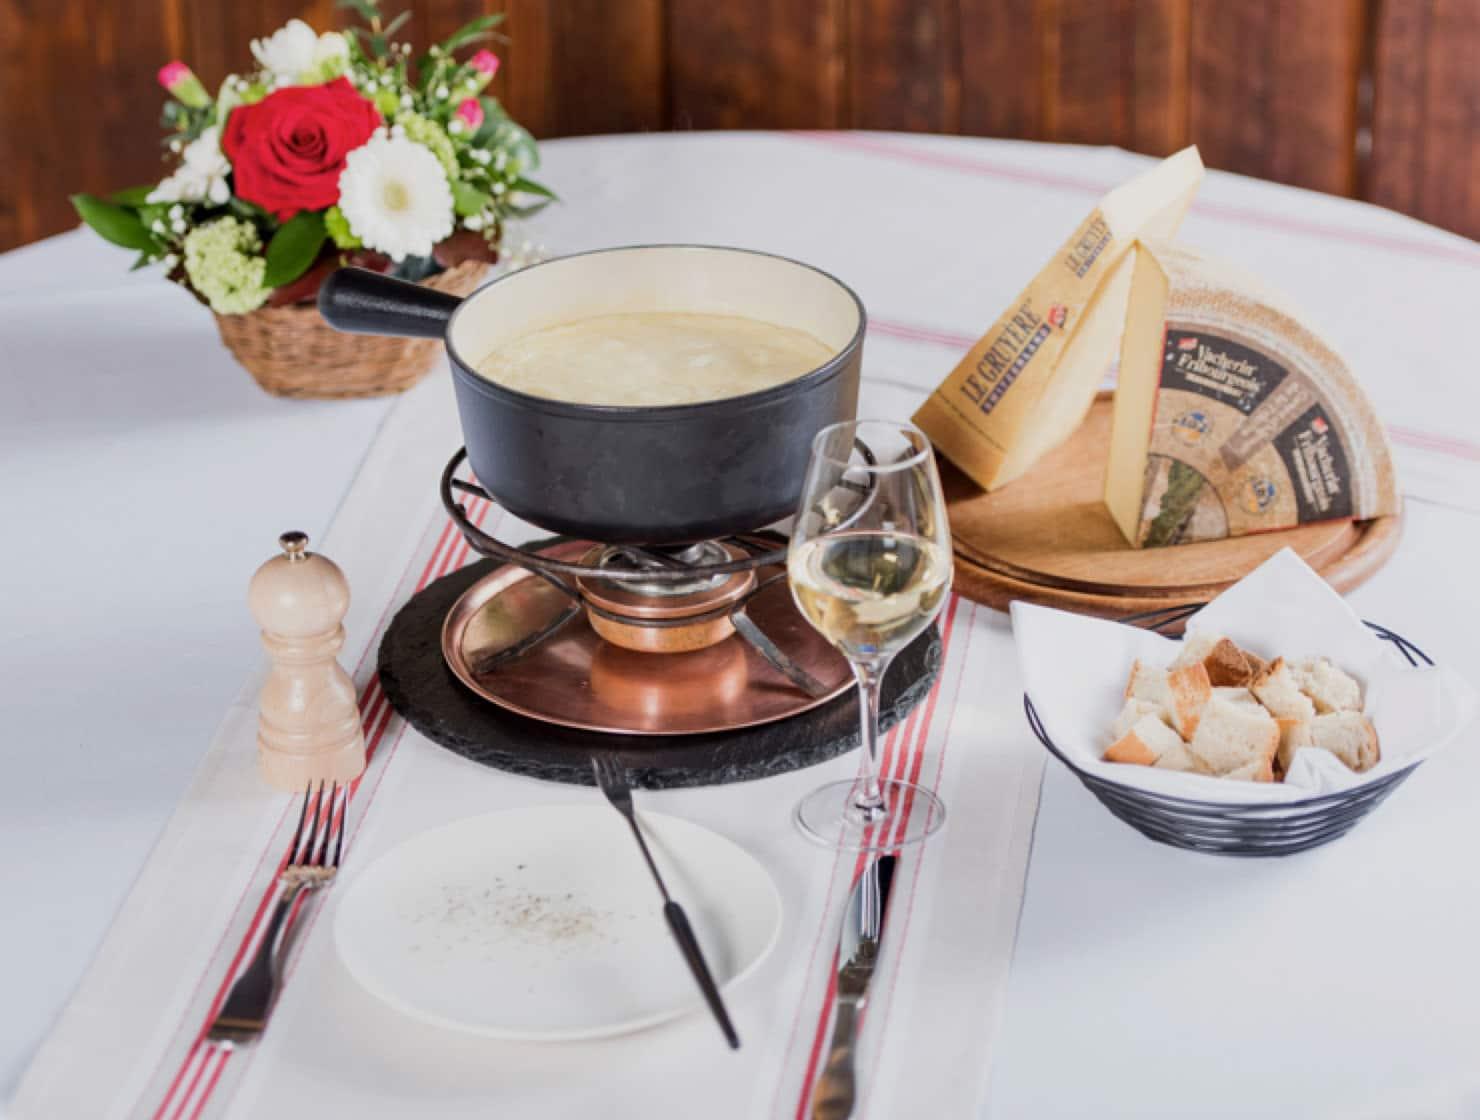 Restaurant le museum - Banquet Menu Traditionnel